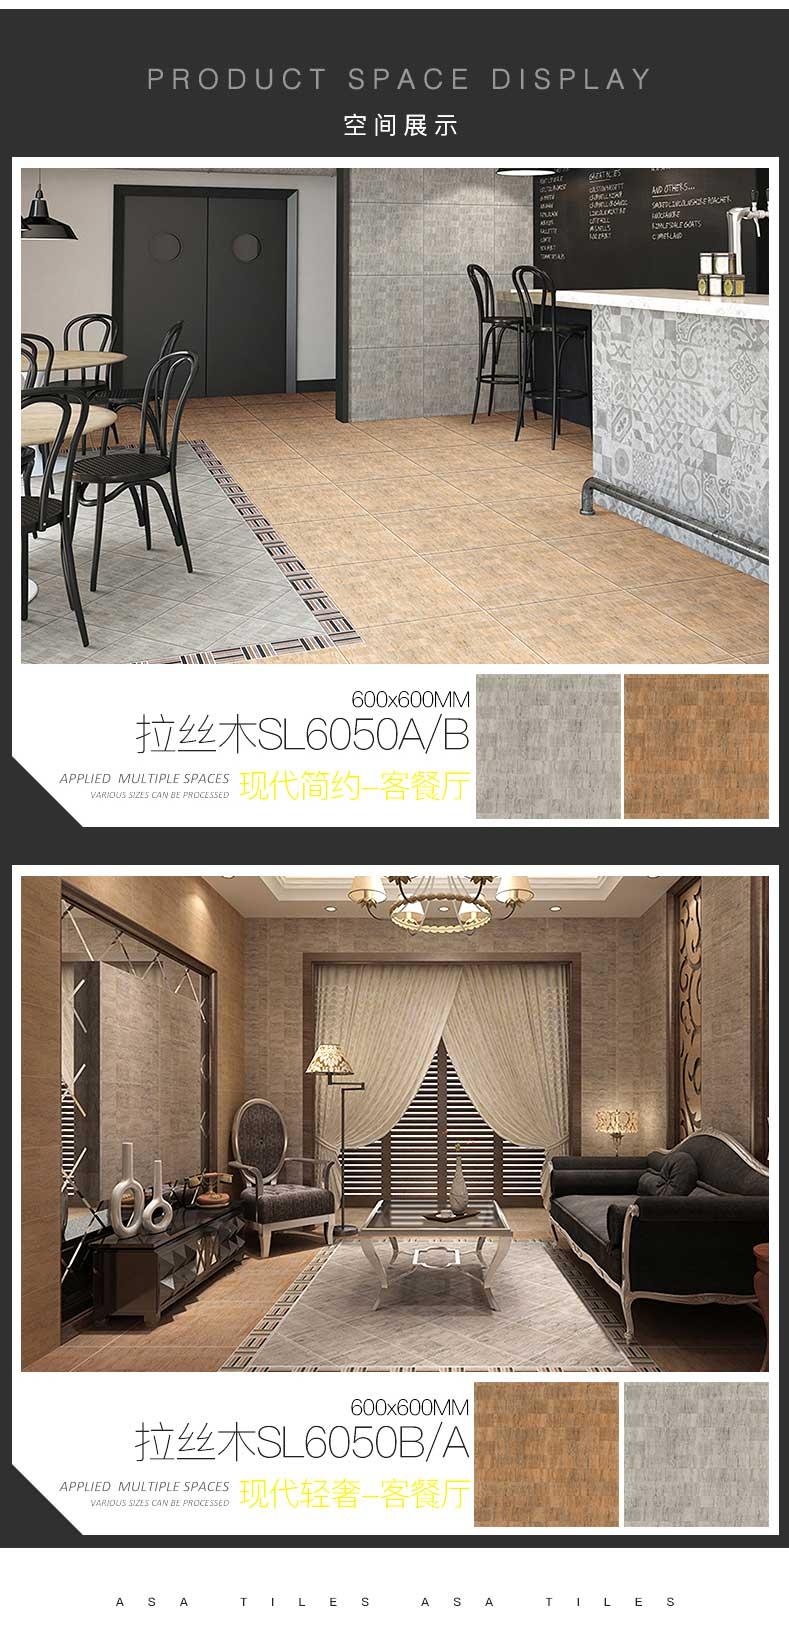 亚细亚瓷砖-仿古砖拉丝木600x600_02.jpg